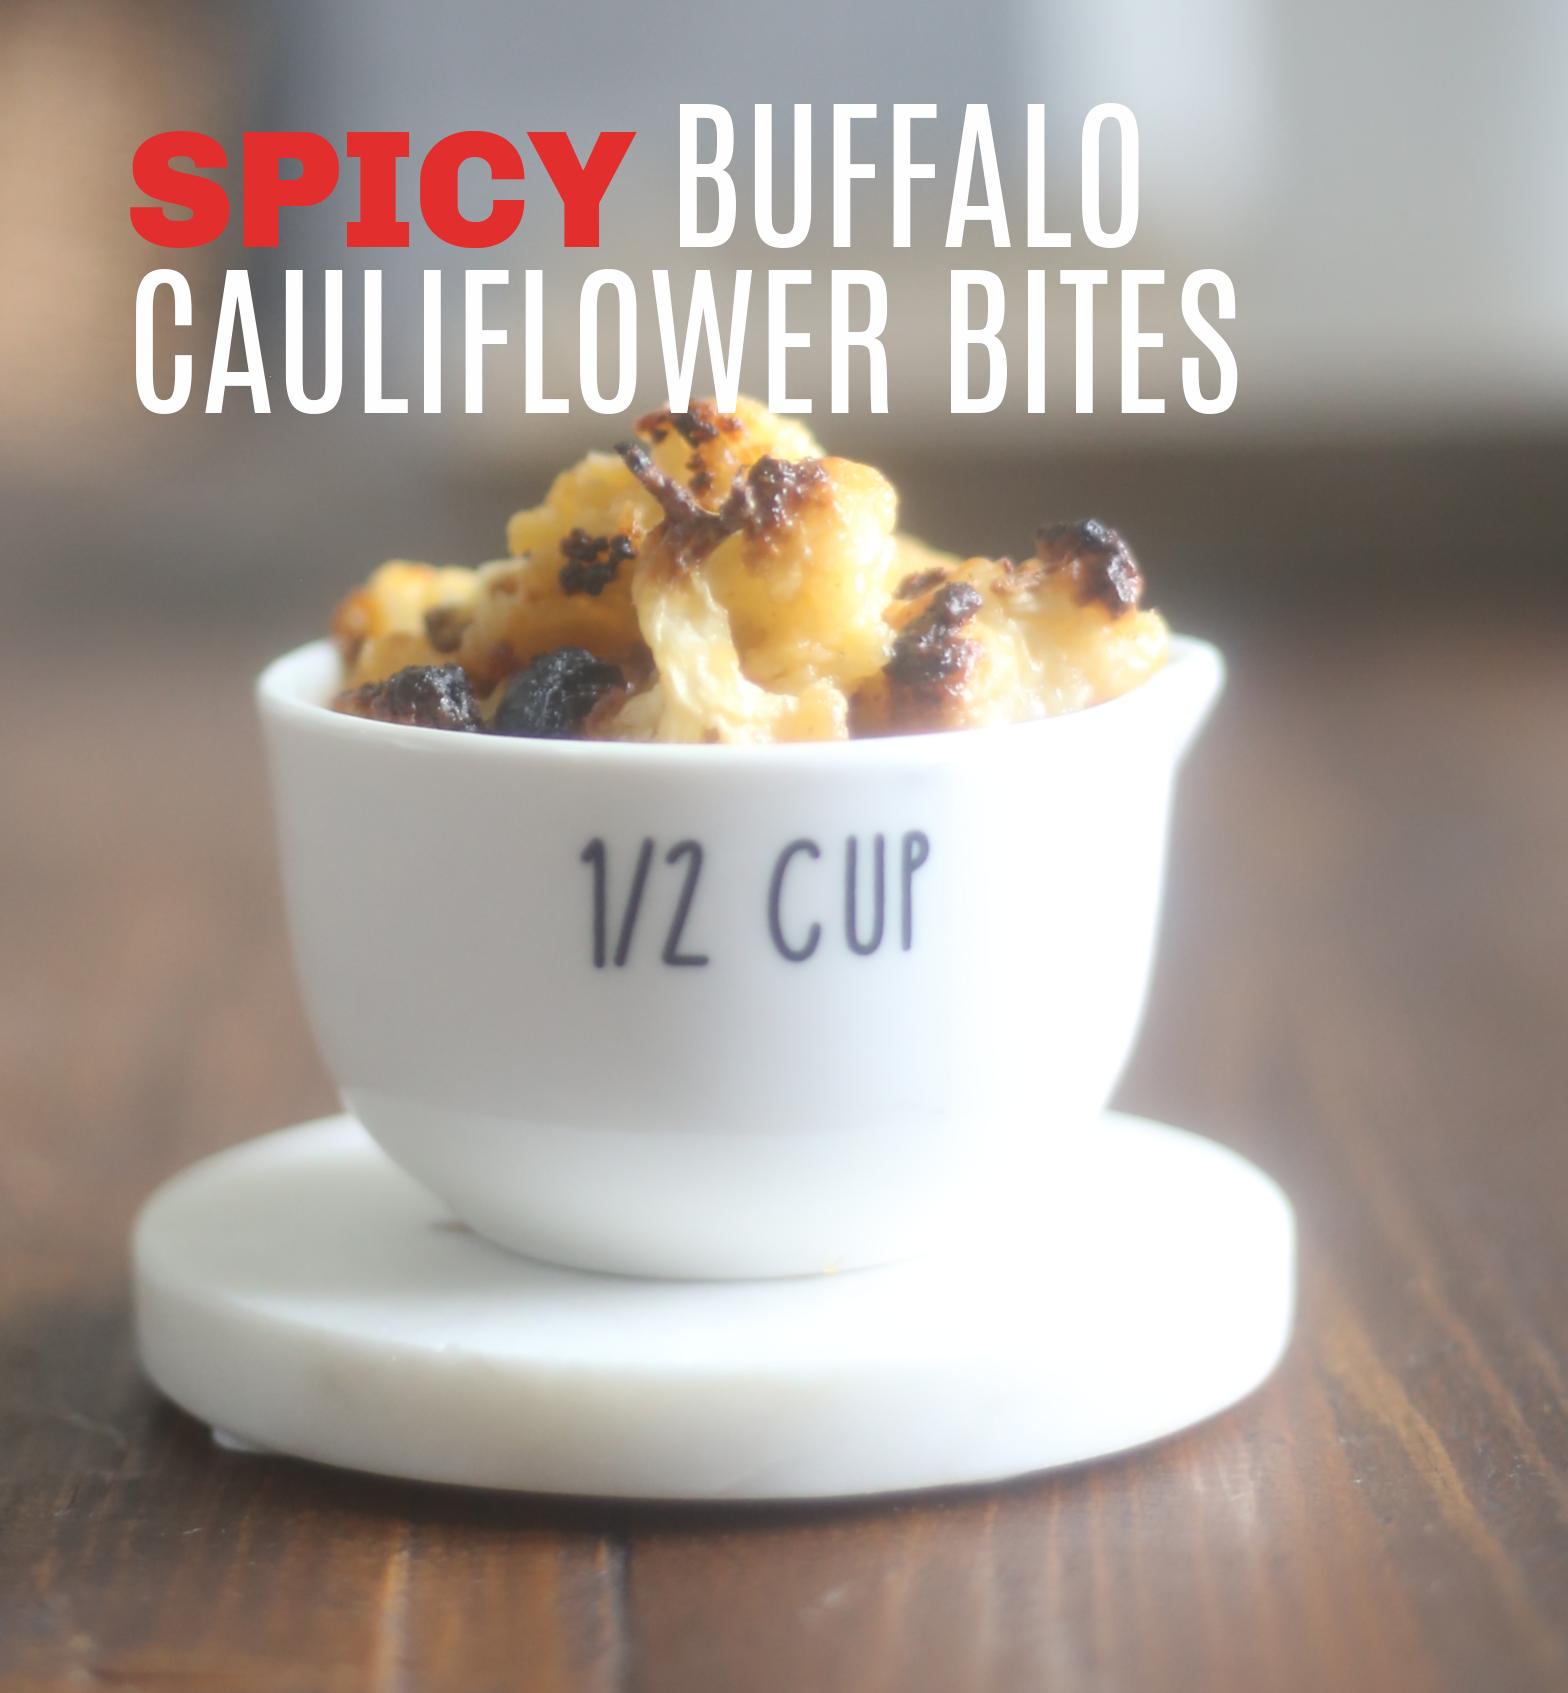 spicy-buffalo-cauliflower